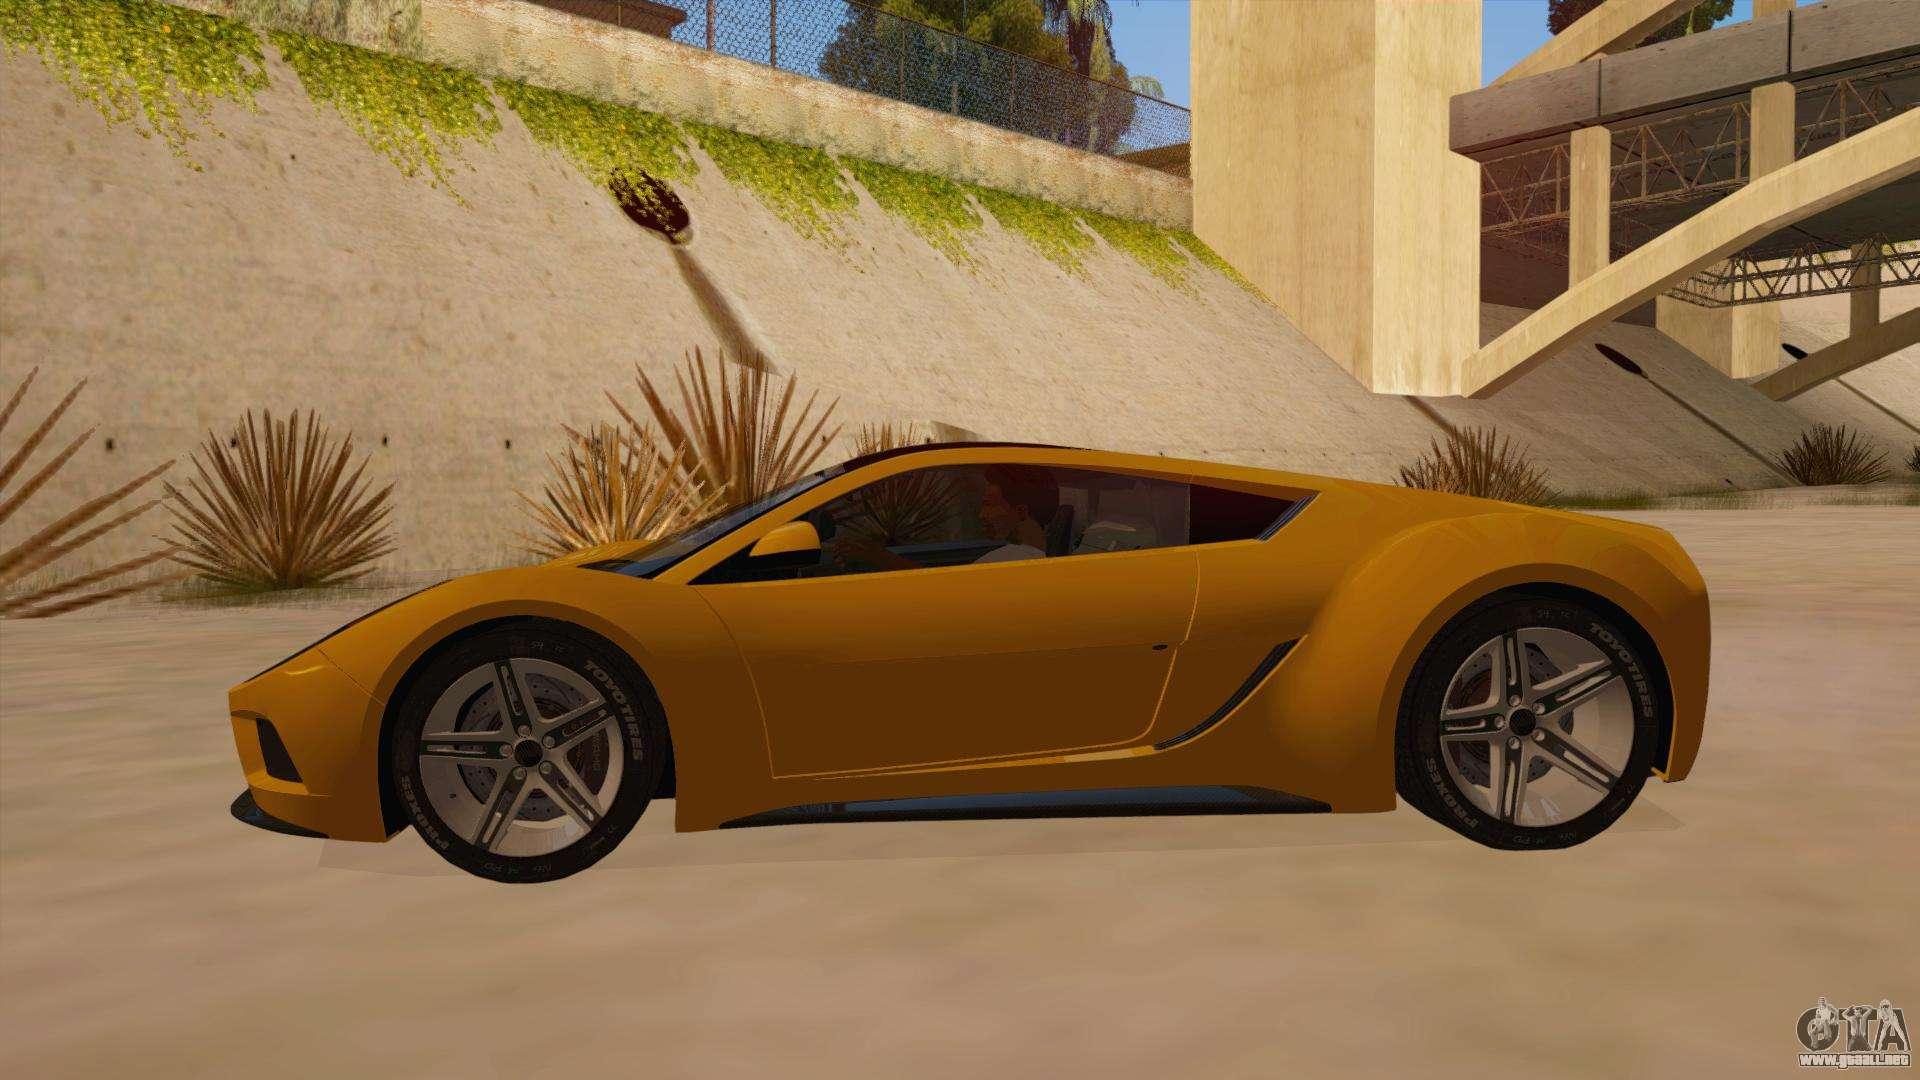 Saleen S5S Raptor 2010 para GTA San Andreas leftSaleen S5s Raptor White